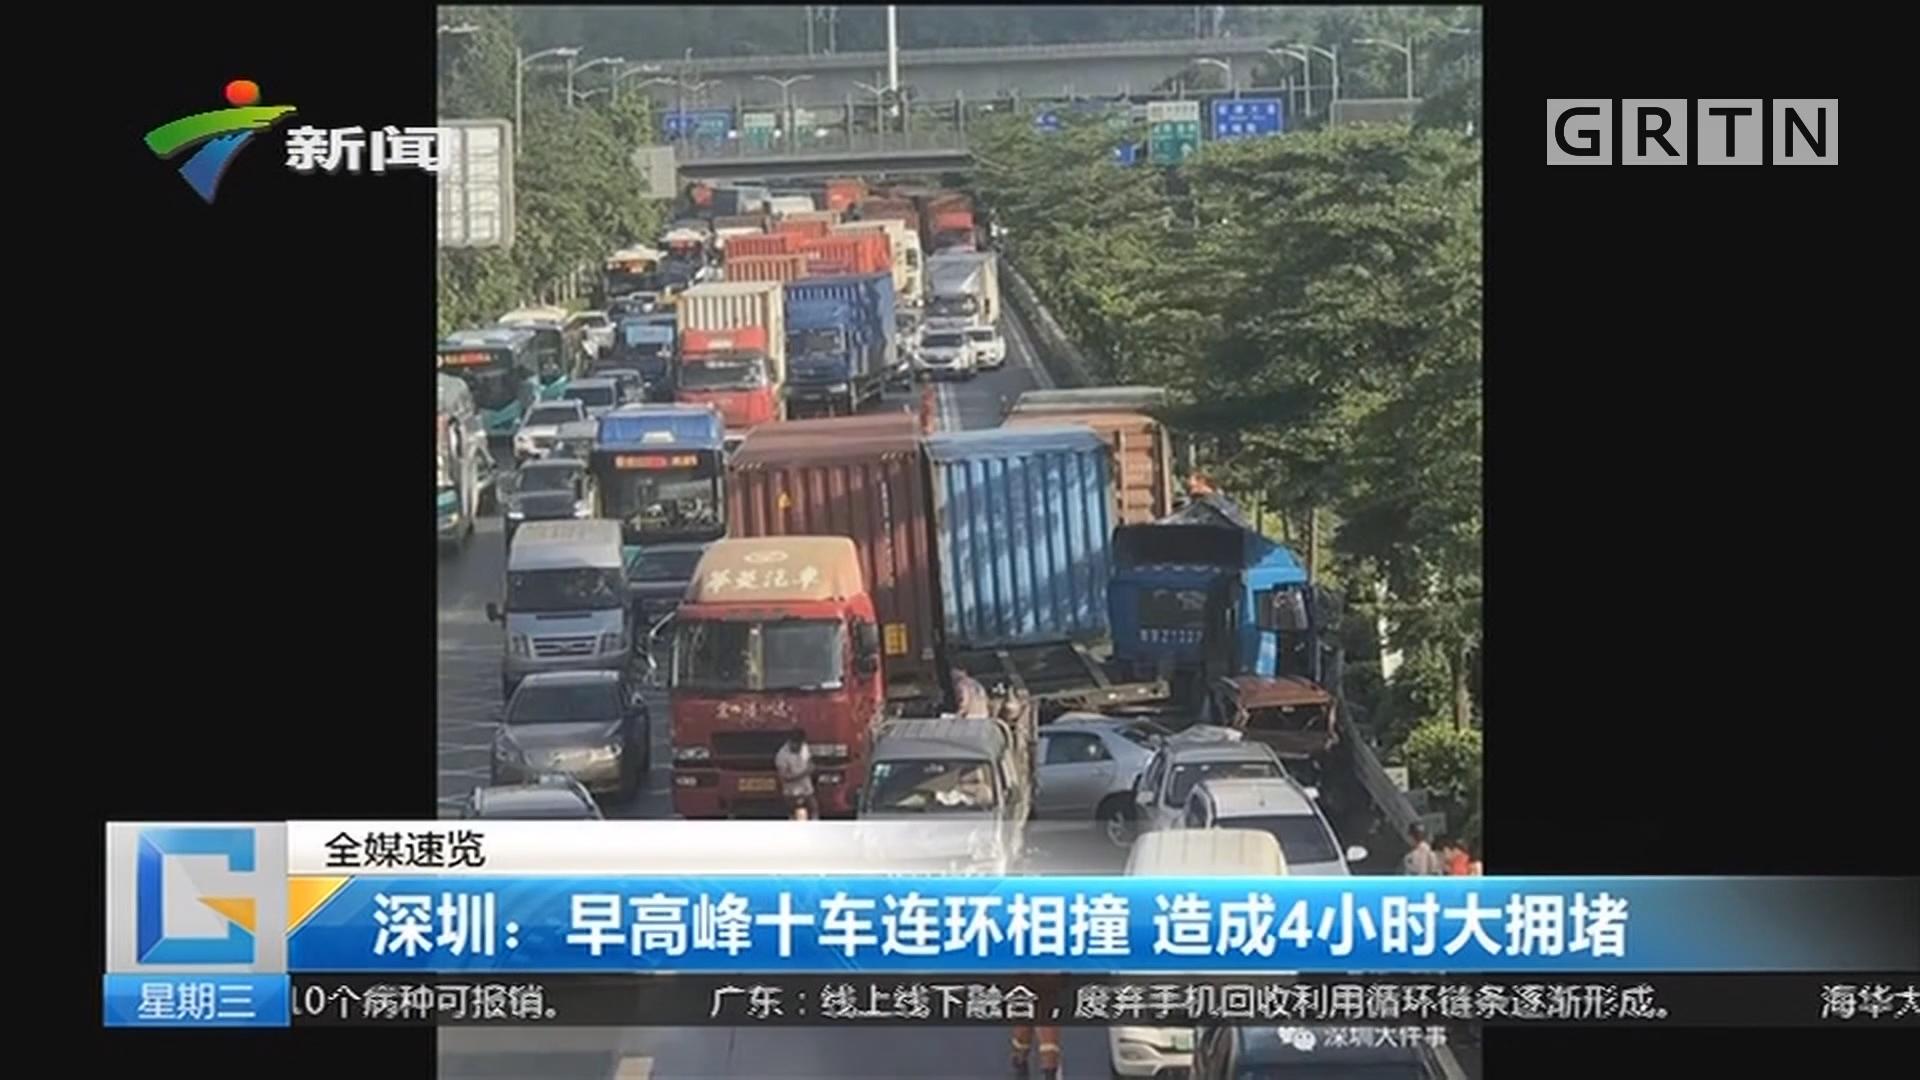 深圳:早高峰十车连环相撞 造成4小时大拥堵